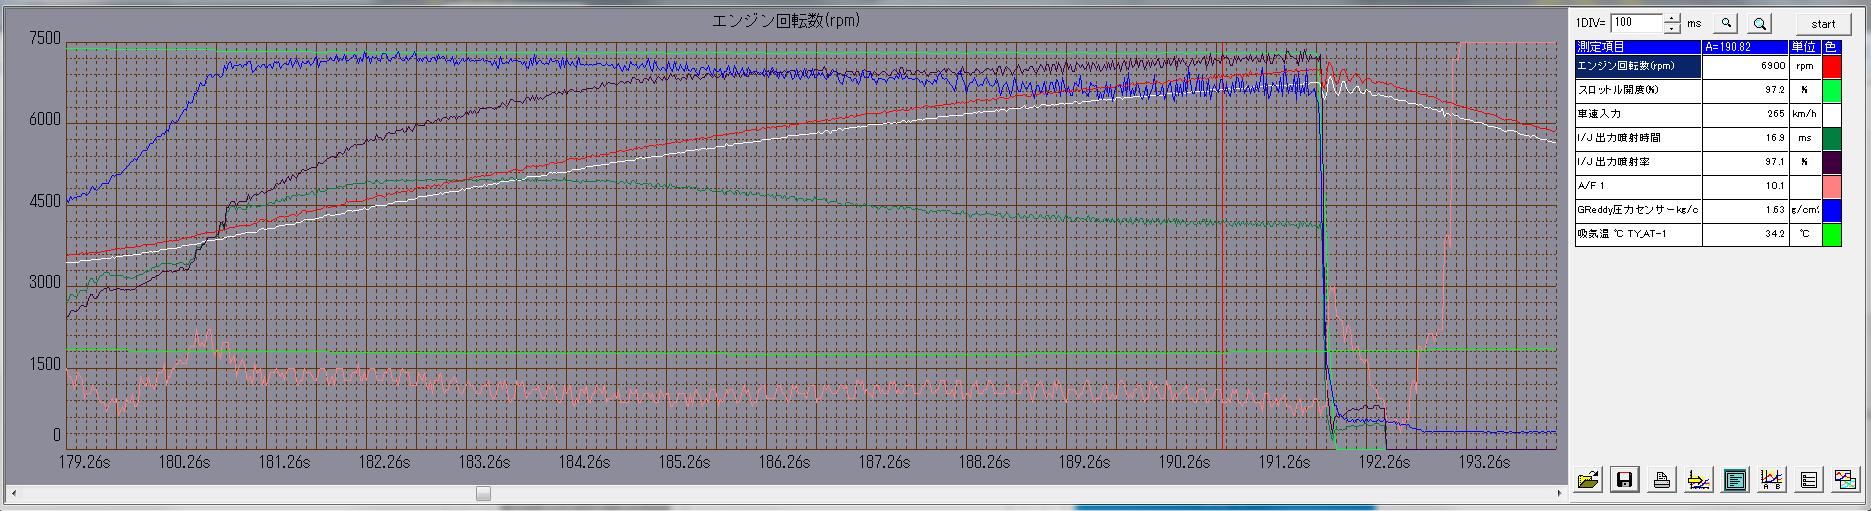 ワルボロ High Performance 450LPHポンプの流量